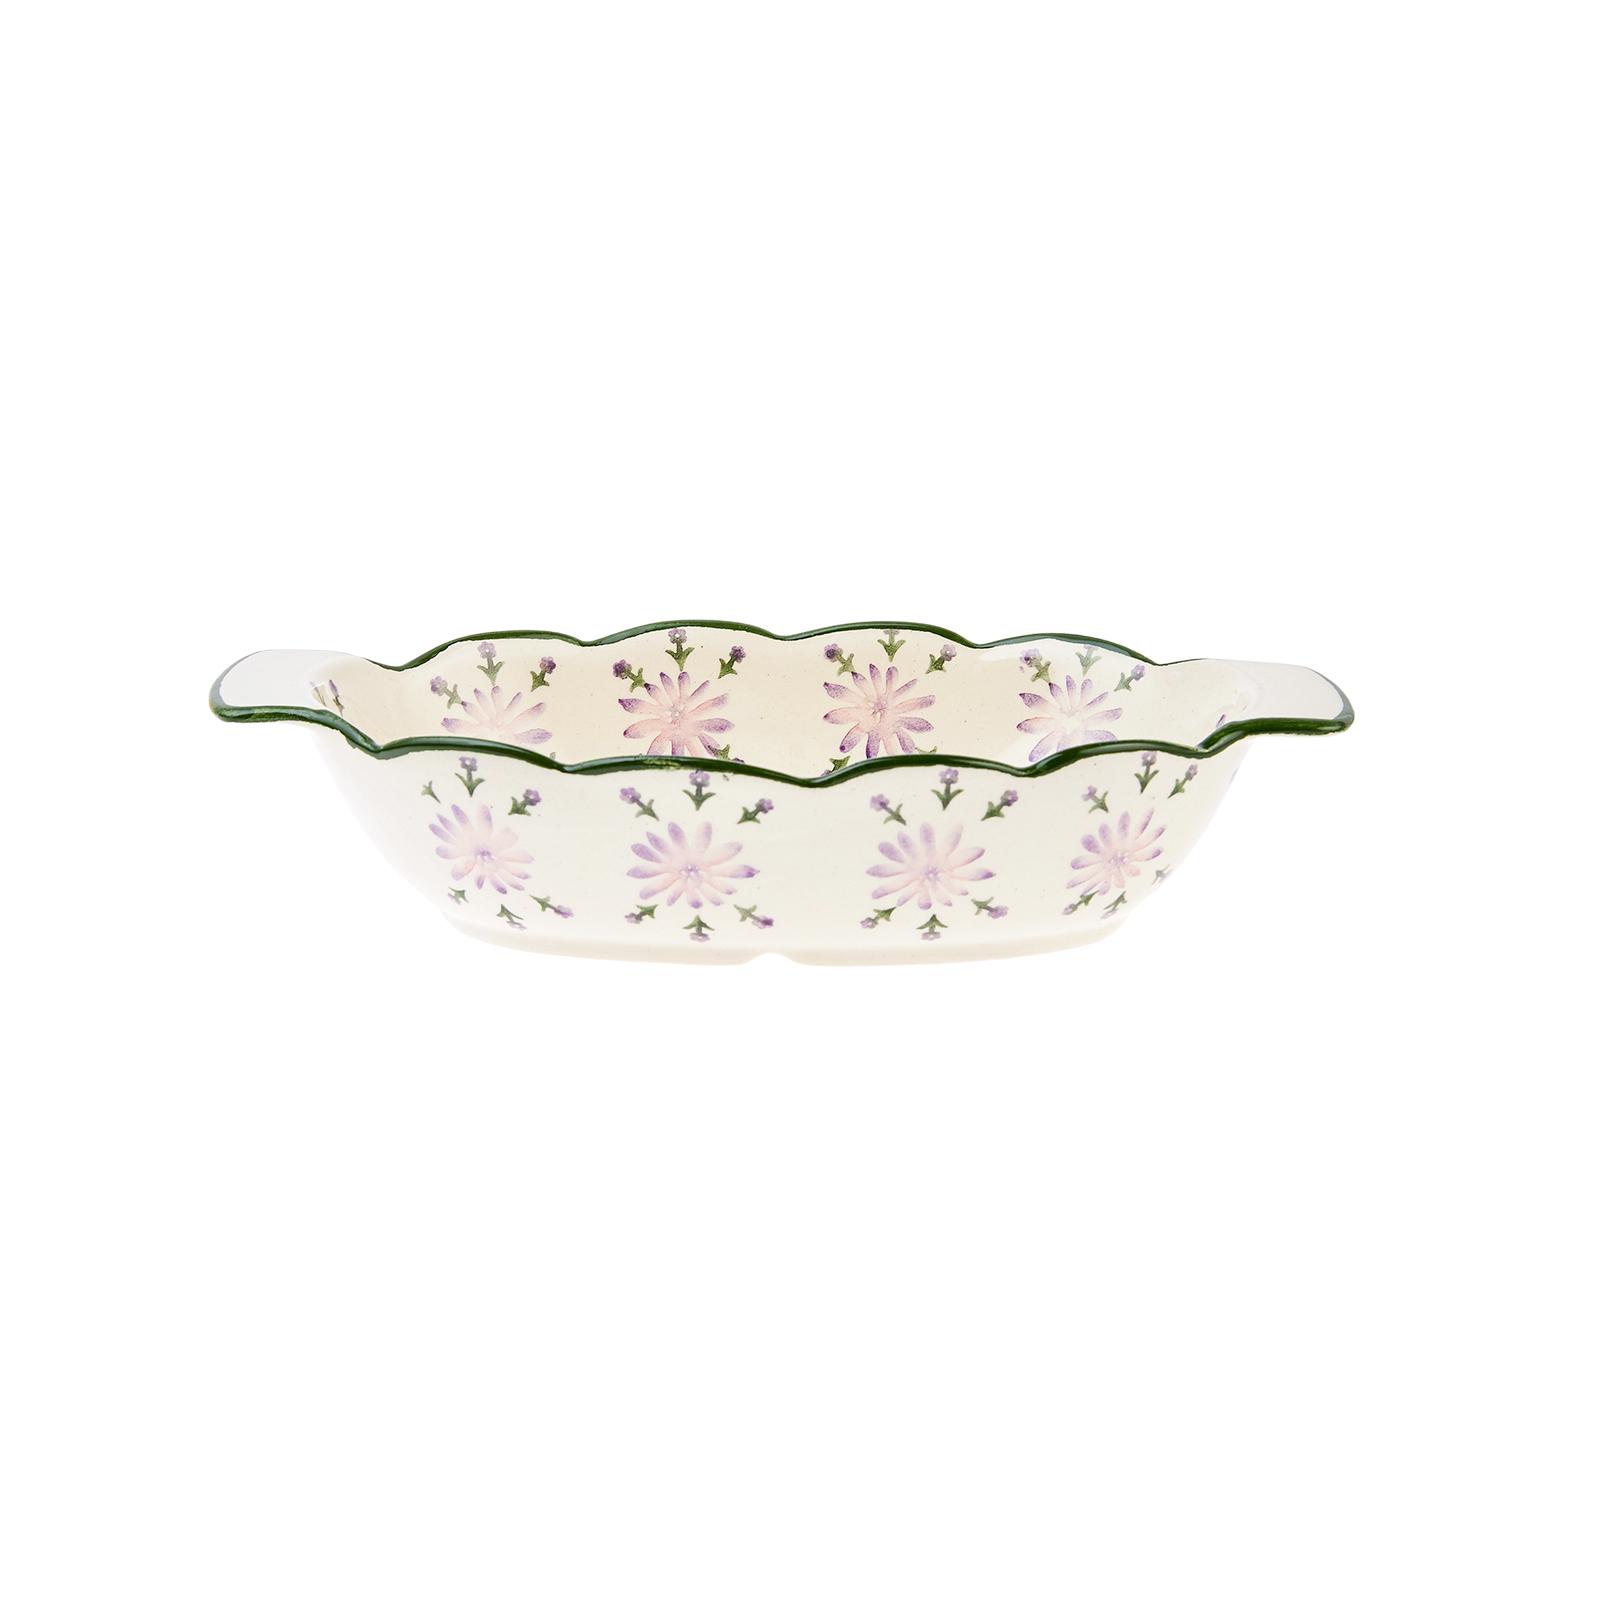 Karaca Flowers Yeşil Fırın Kabı 21 cm